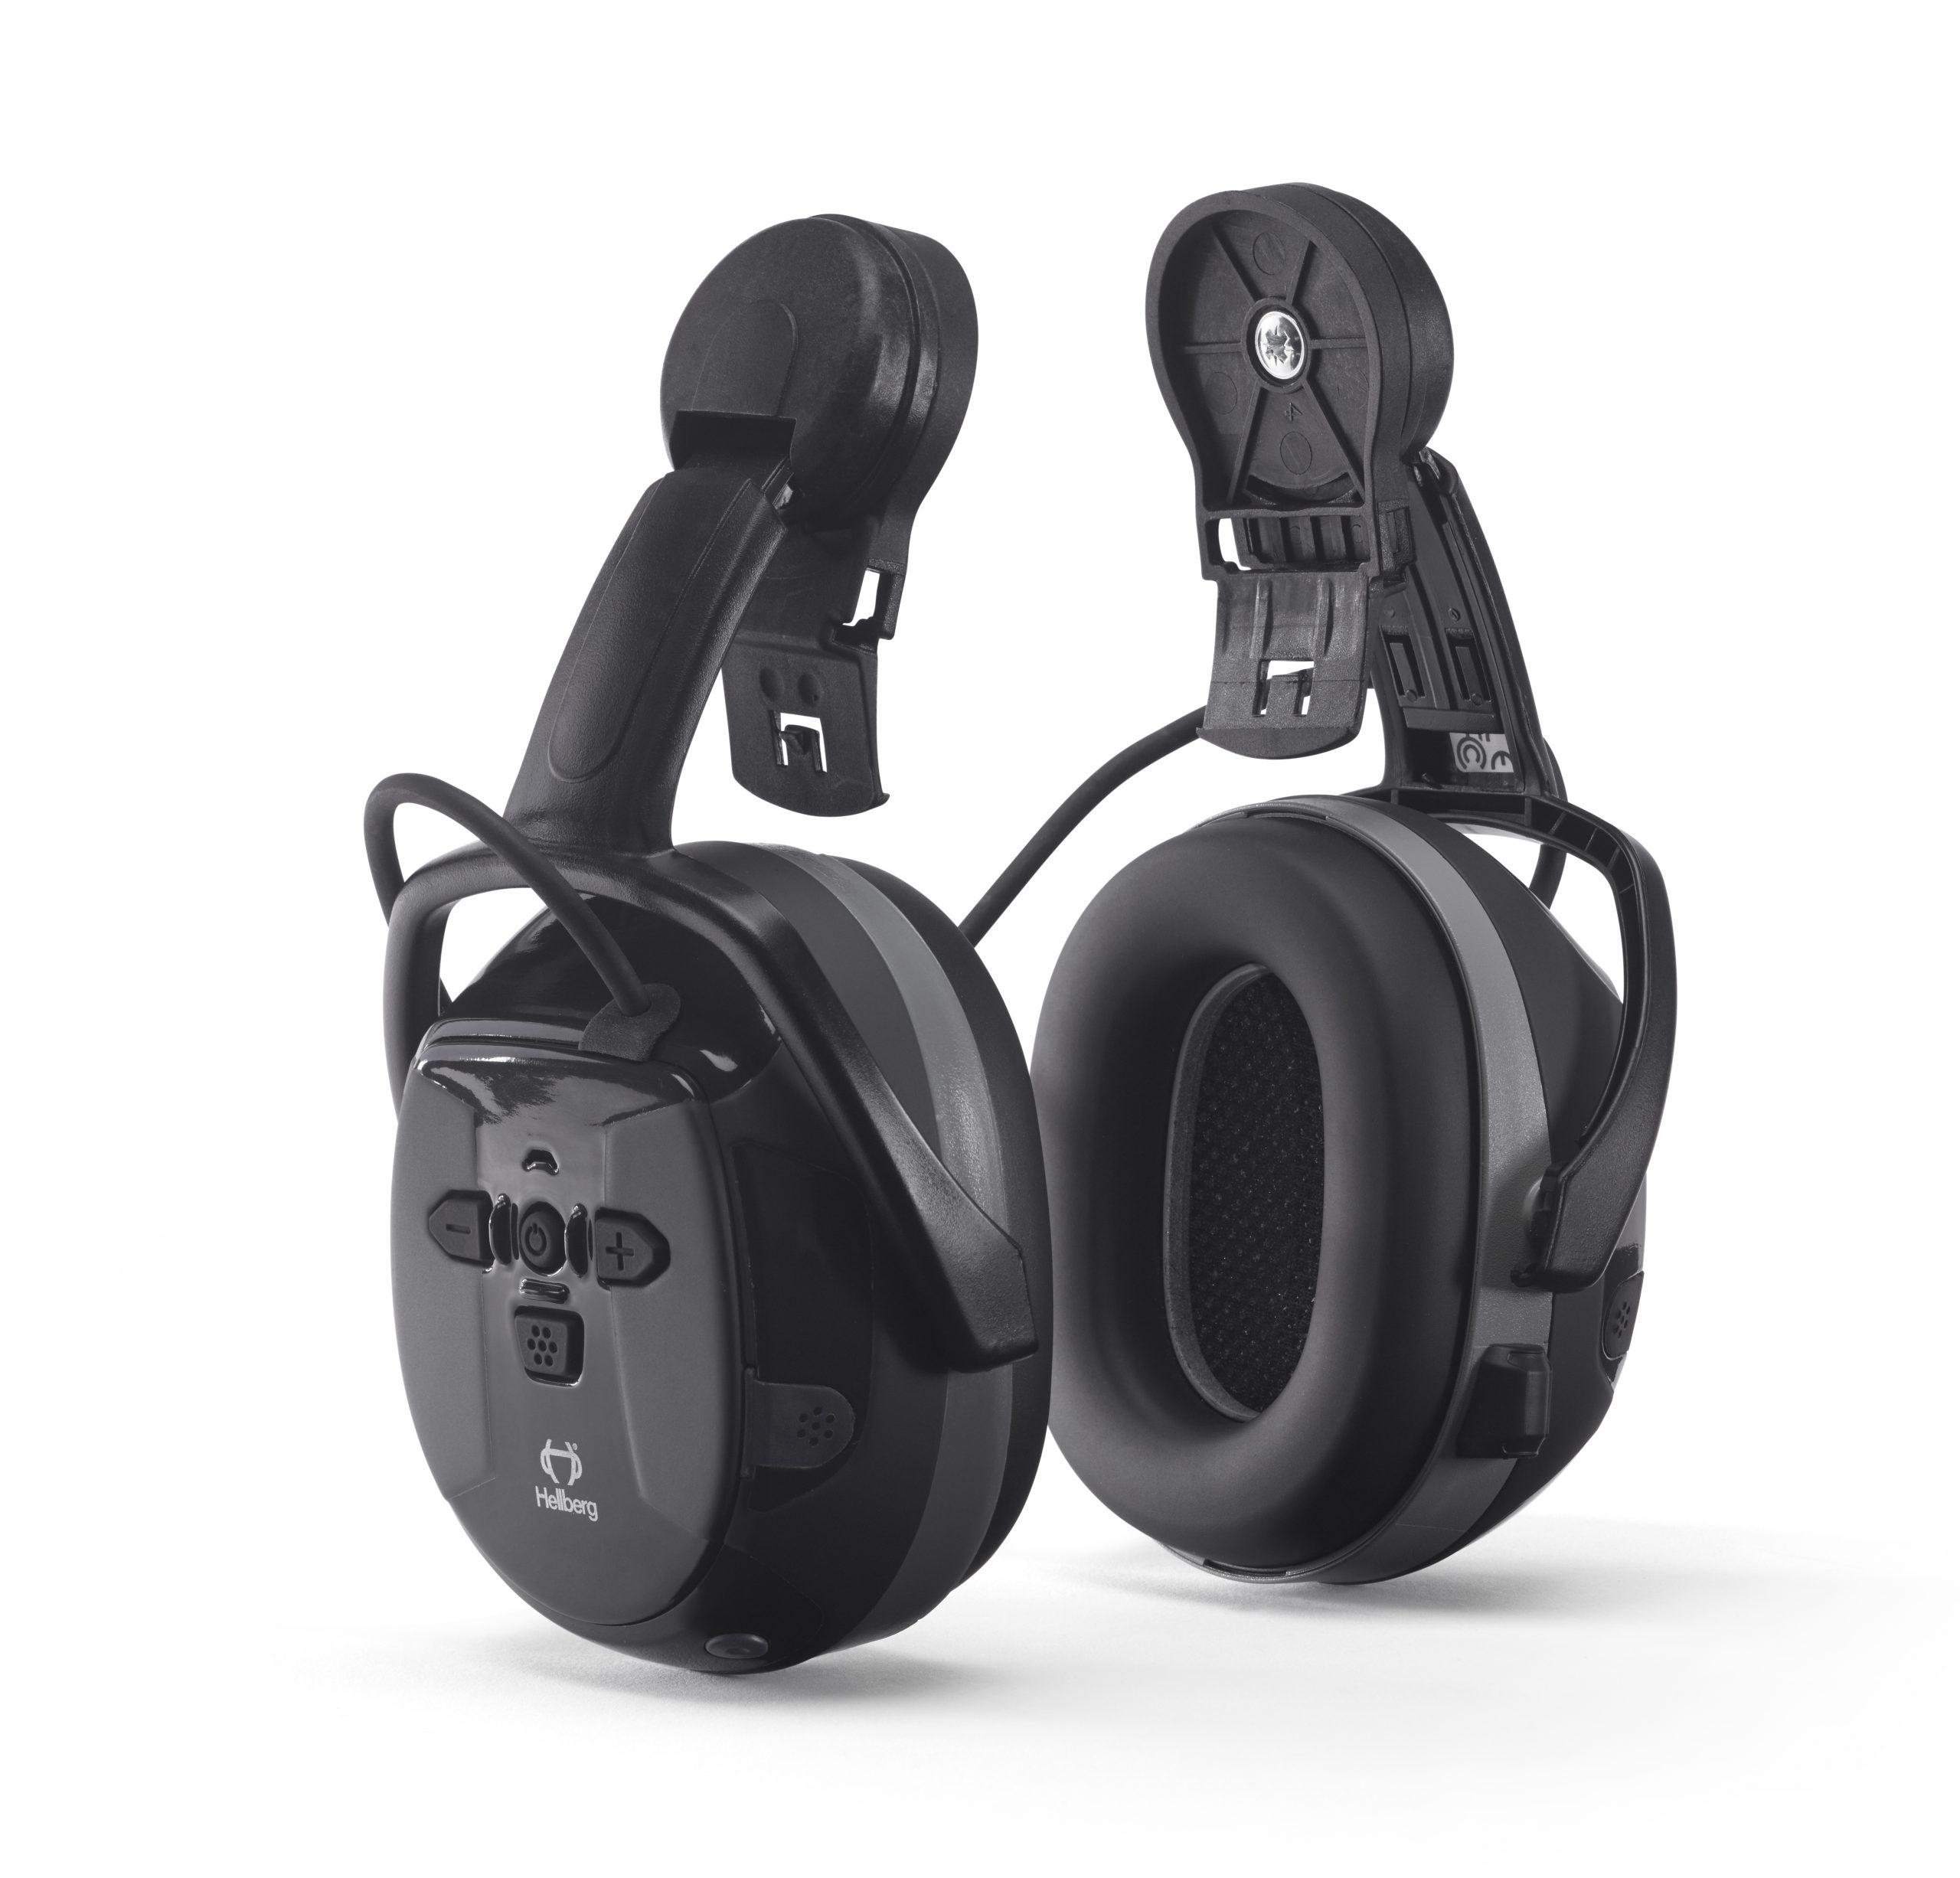 Et hørselsvern med streaming og utmerket lydkvalitet